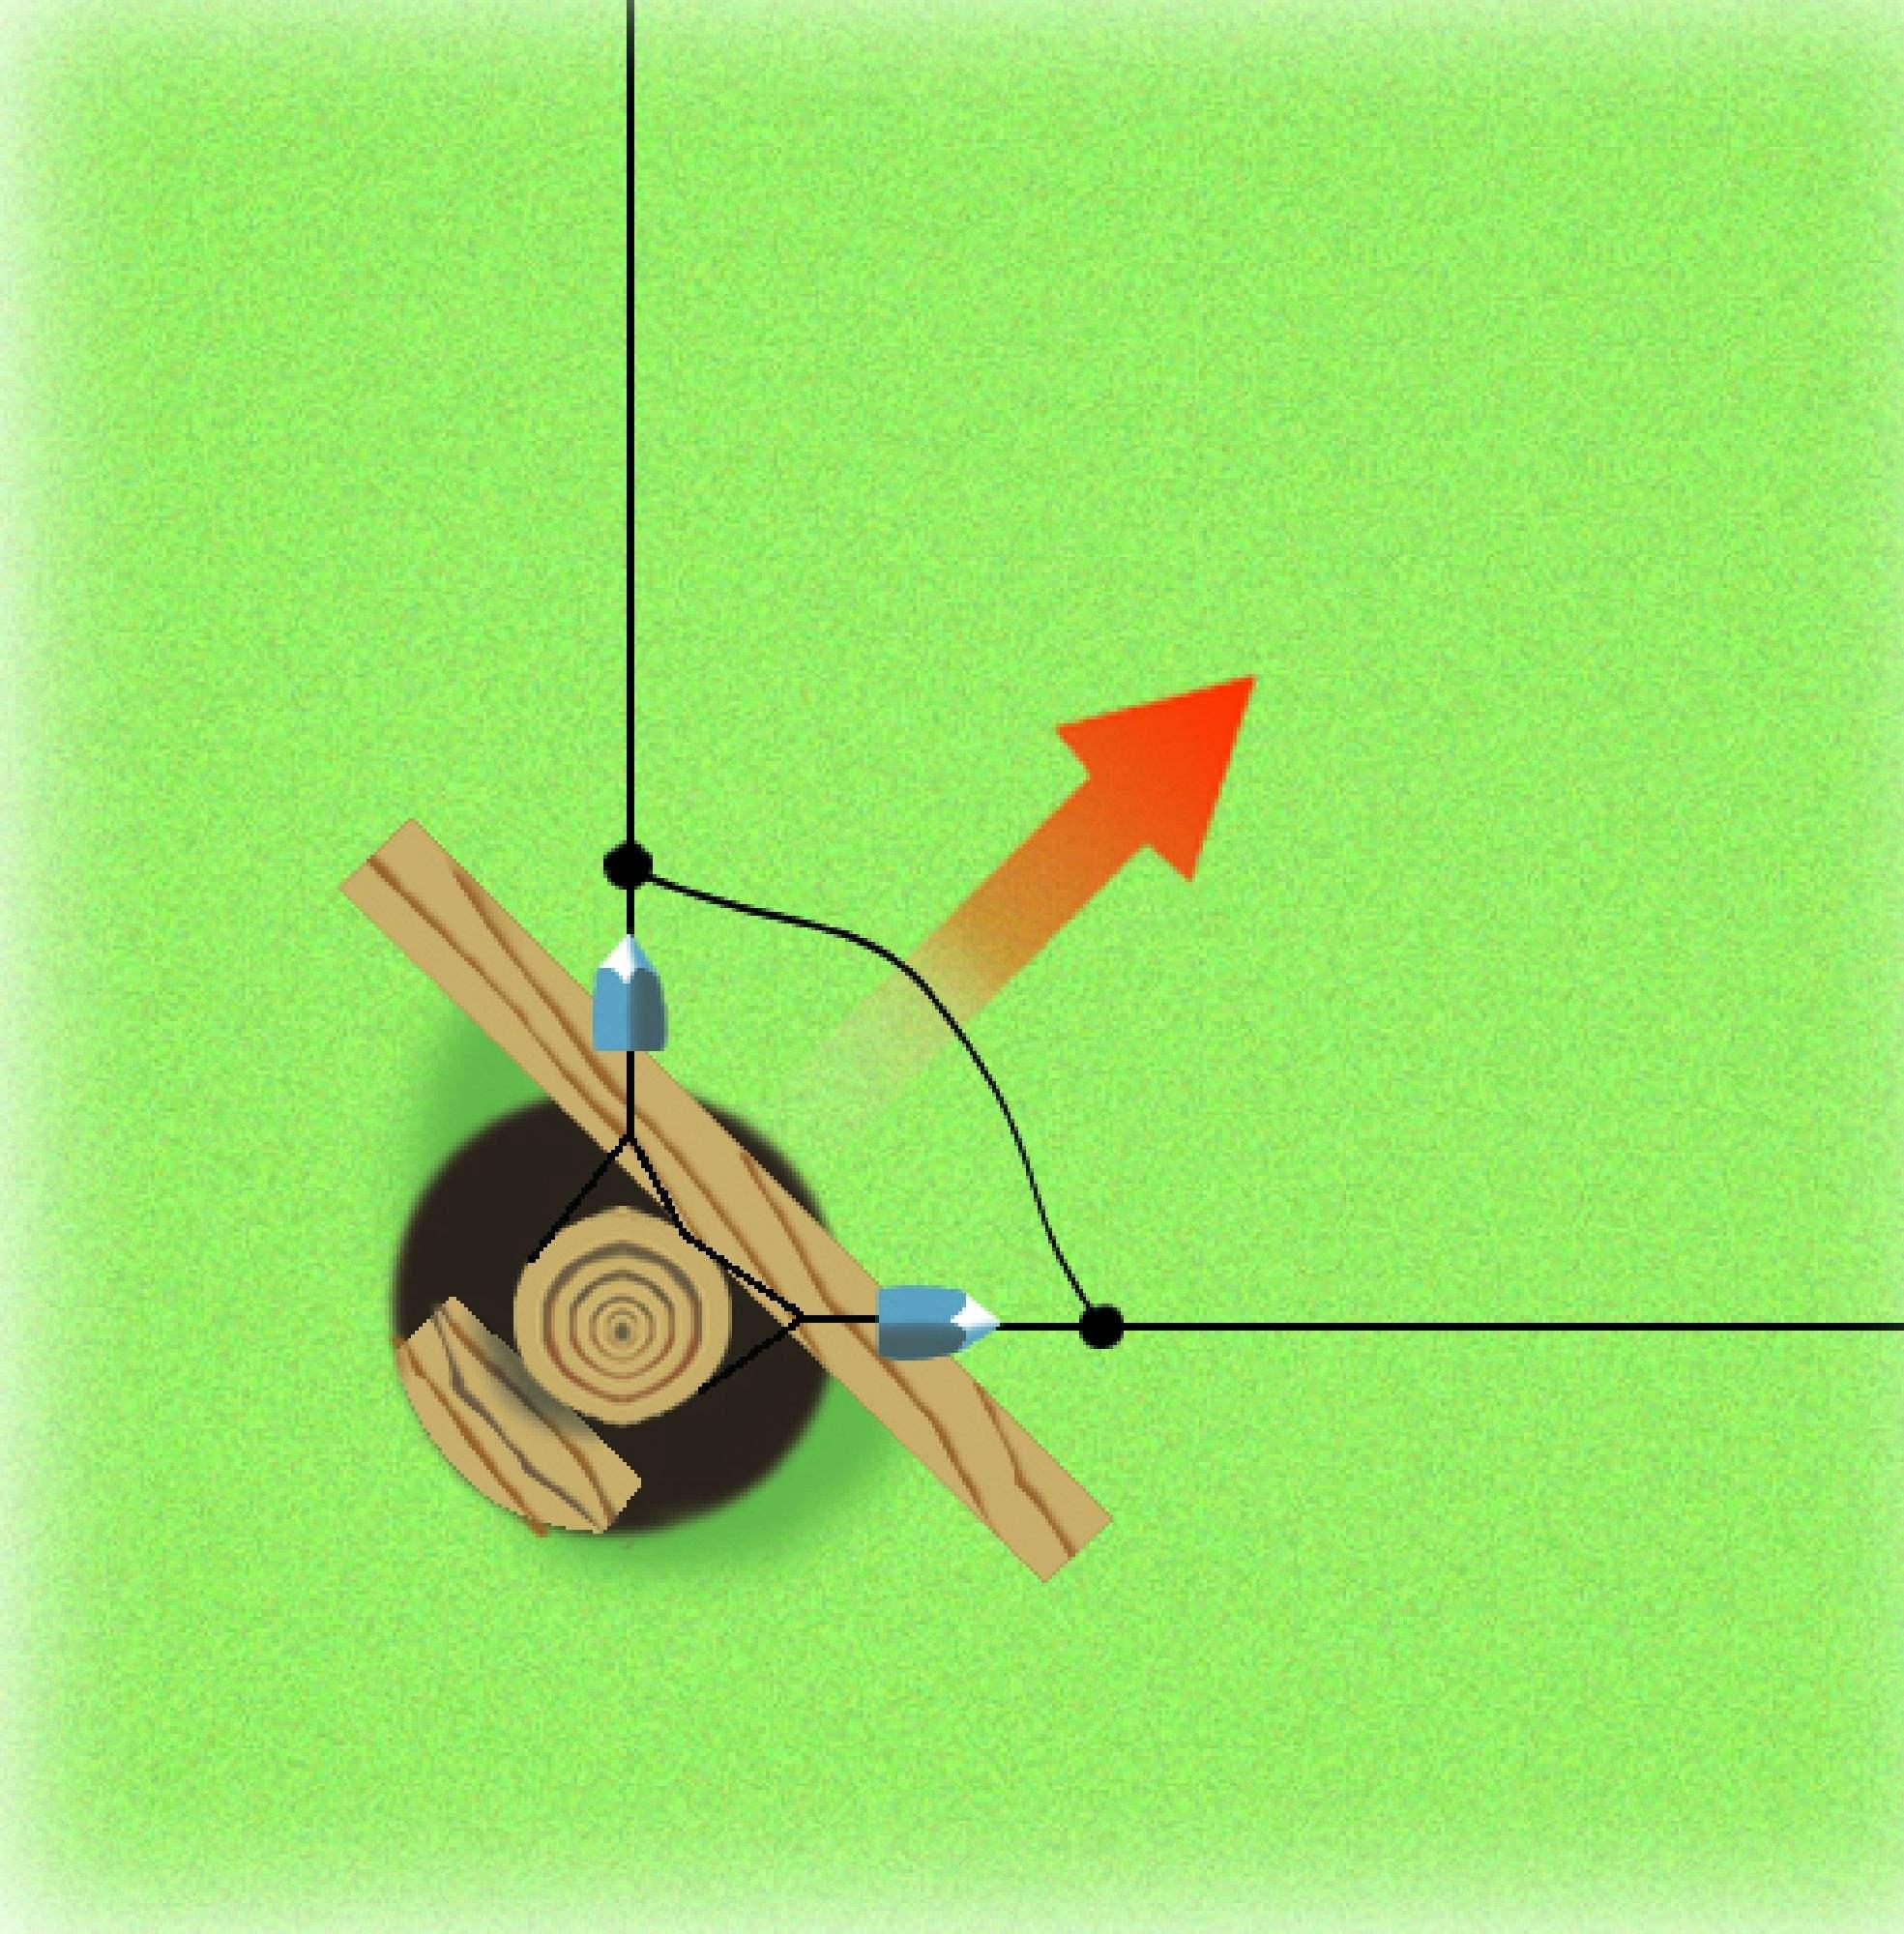 piquet bois rond point pour angle diam 16 18 mm patura. Black Bedroom Furniture Sets. Home Design Ideas